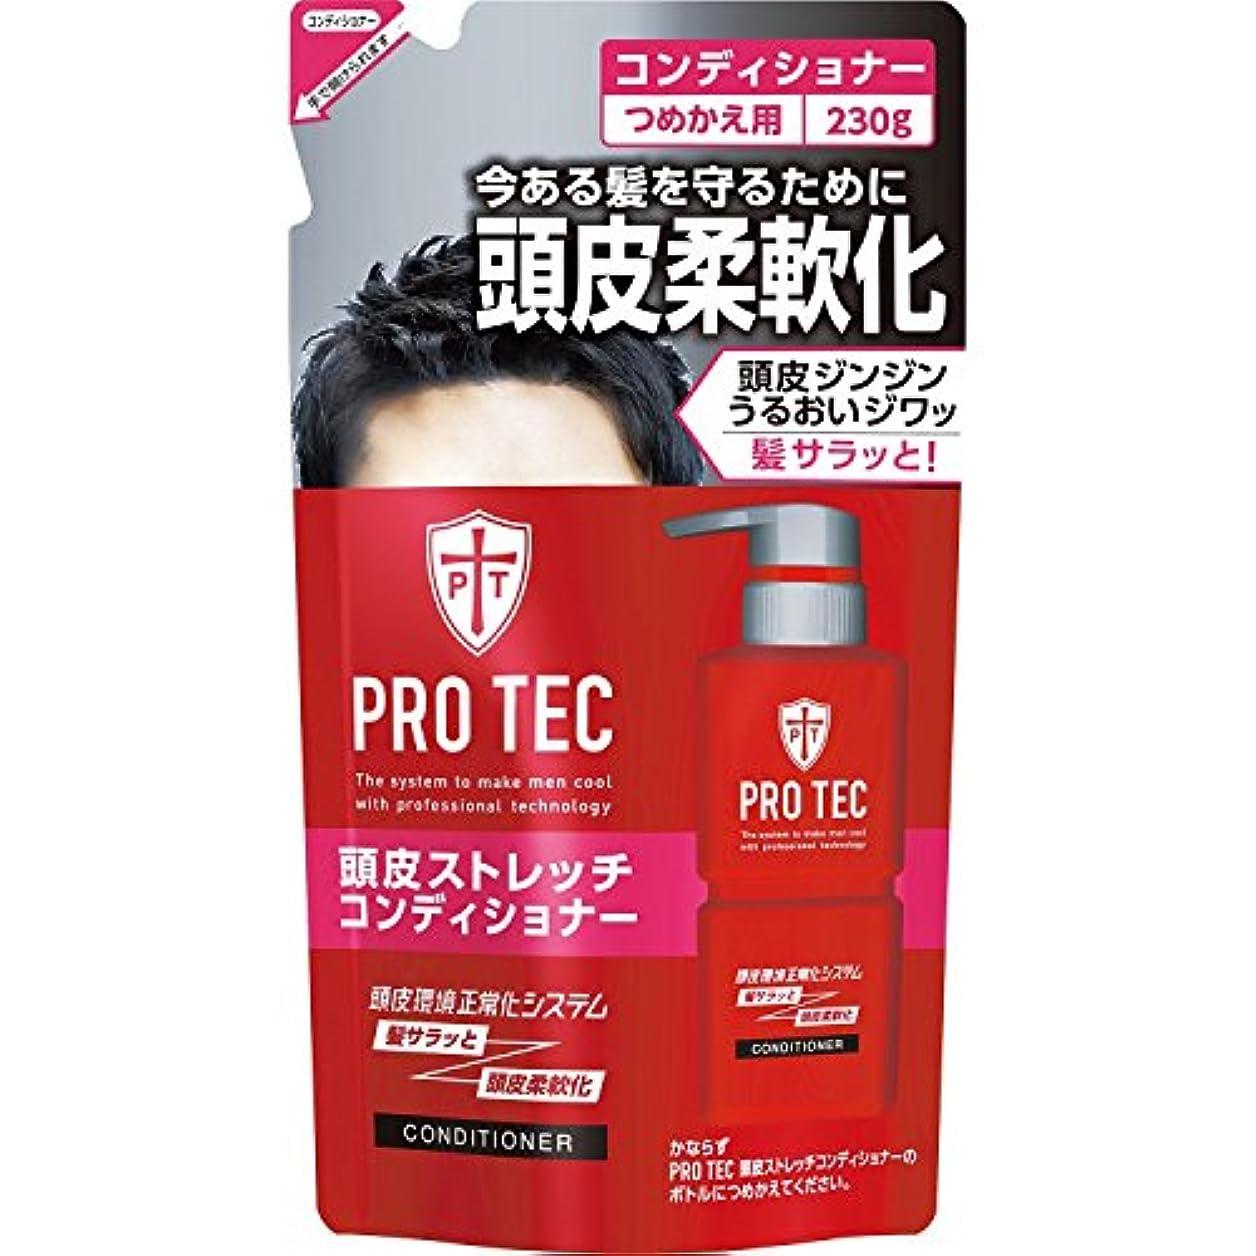 しがみつく軌道たるみPRO TEC(プロテク) 頭皮ストレッチコンディショナー つめかえ用 230g ×10個セット